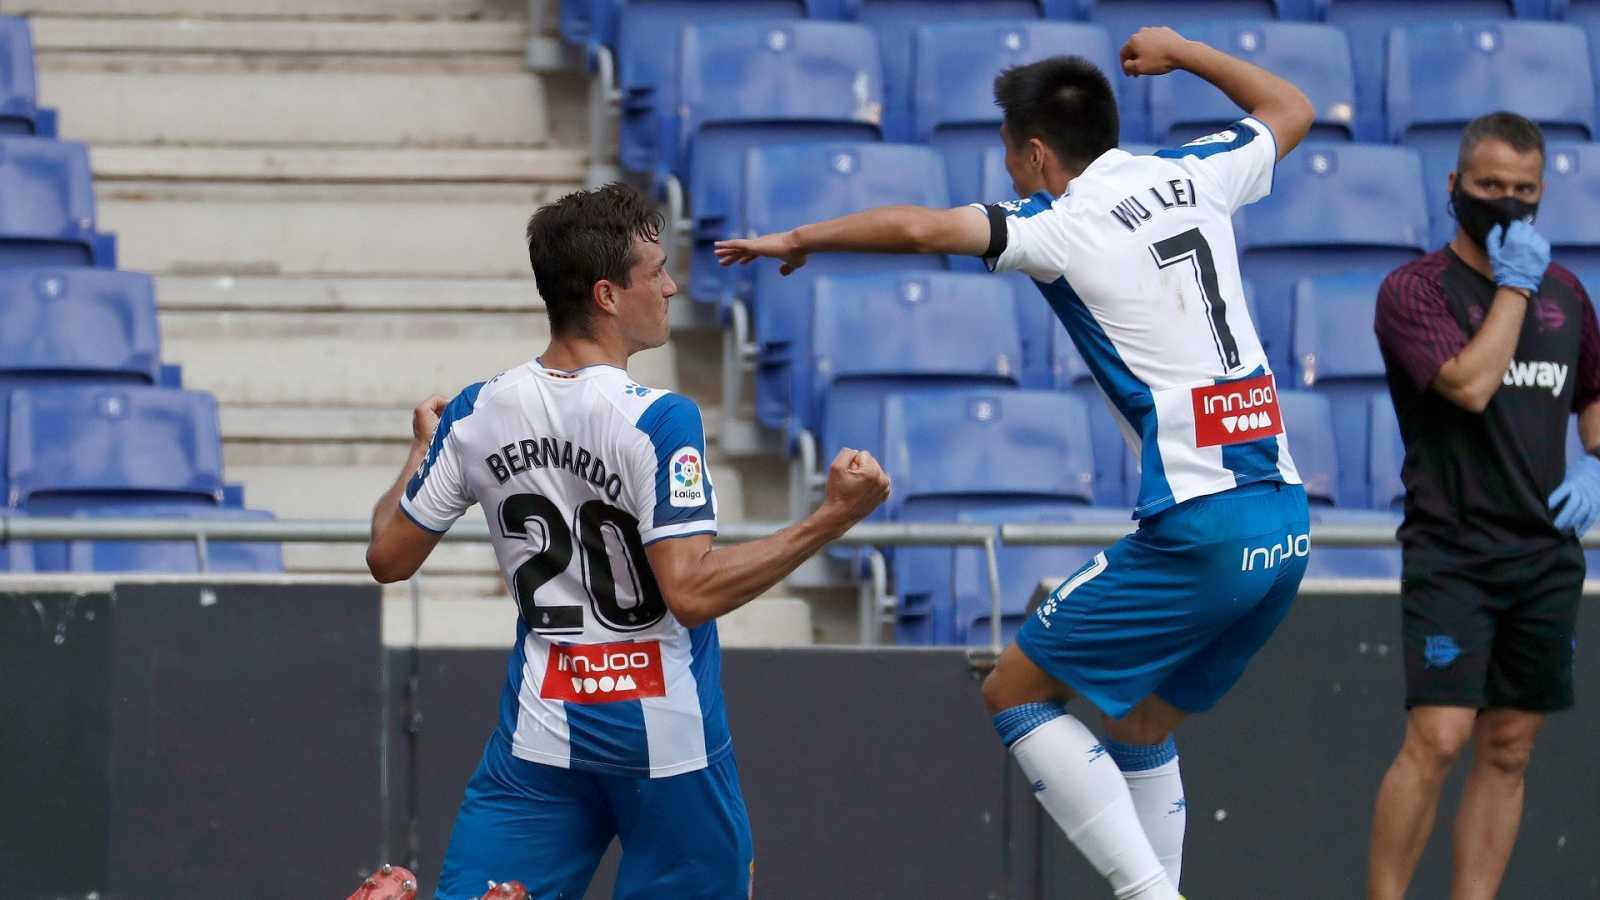 El defensa colombiano del RCD Espanyol de Barcelona Bernardo Espinosa (i) celebra junto a su compañero chino Wu Lei el primer gol de su equipo ante el Alavés